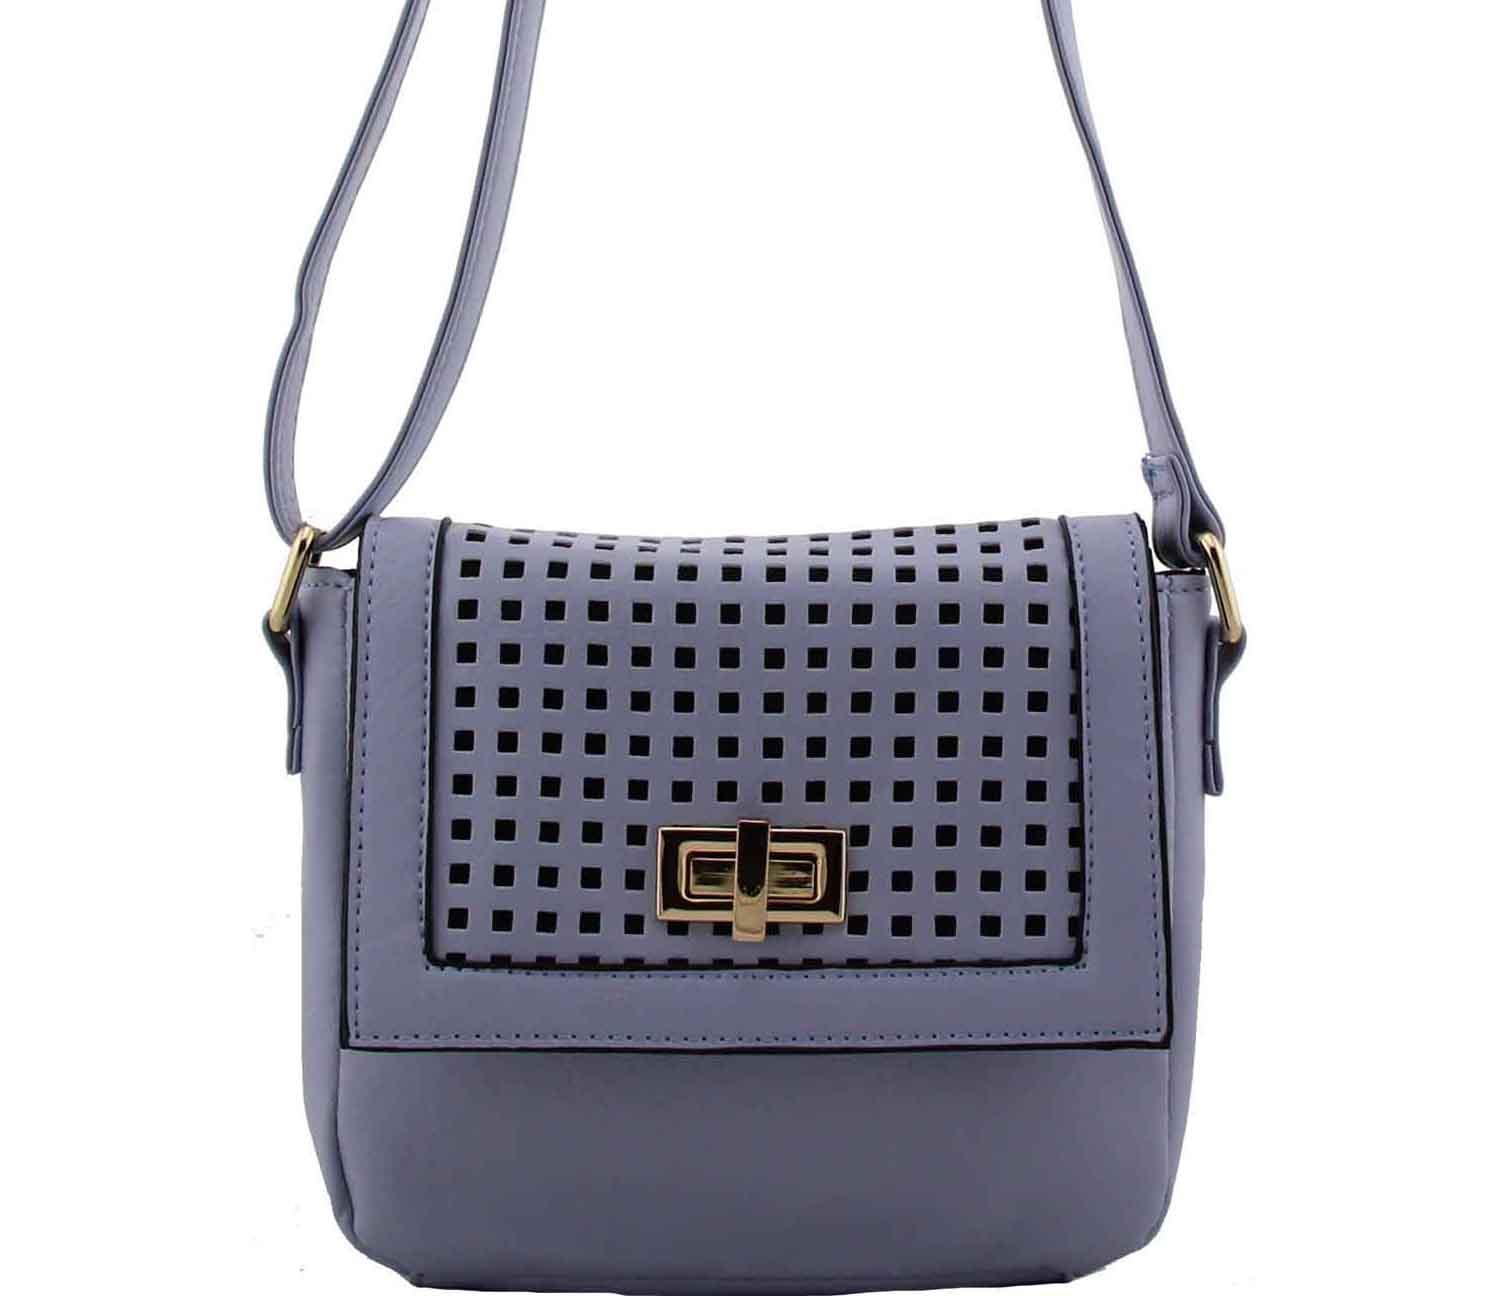 ee8c4464b2 S56 Fashion Designer Handbag lilac ~ BAGZONE - Suppliers of Fashion ...